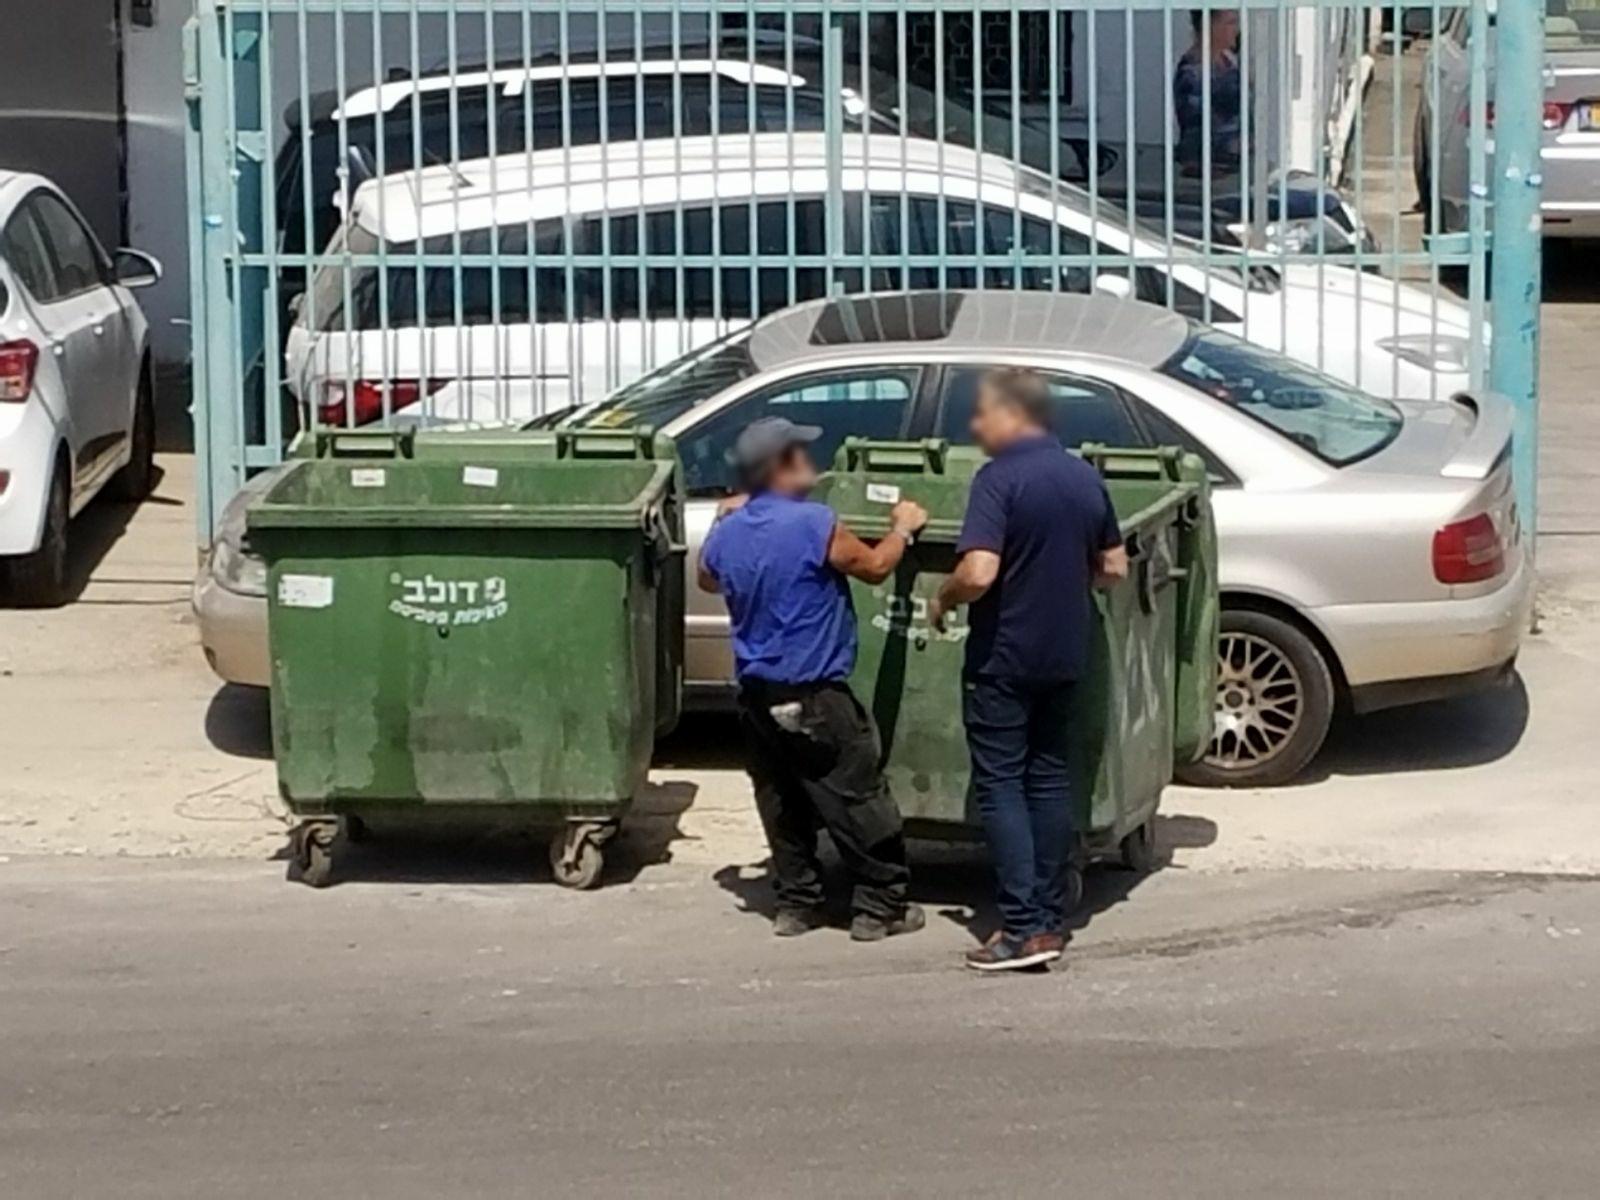 עובדי העירייה הגיעו לאסוף את האשפה בשבת